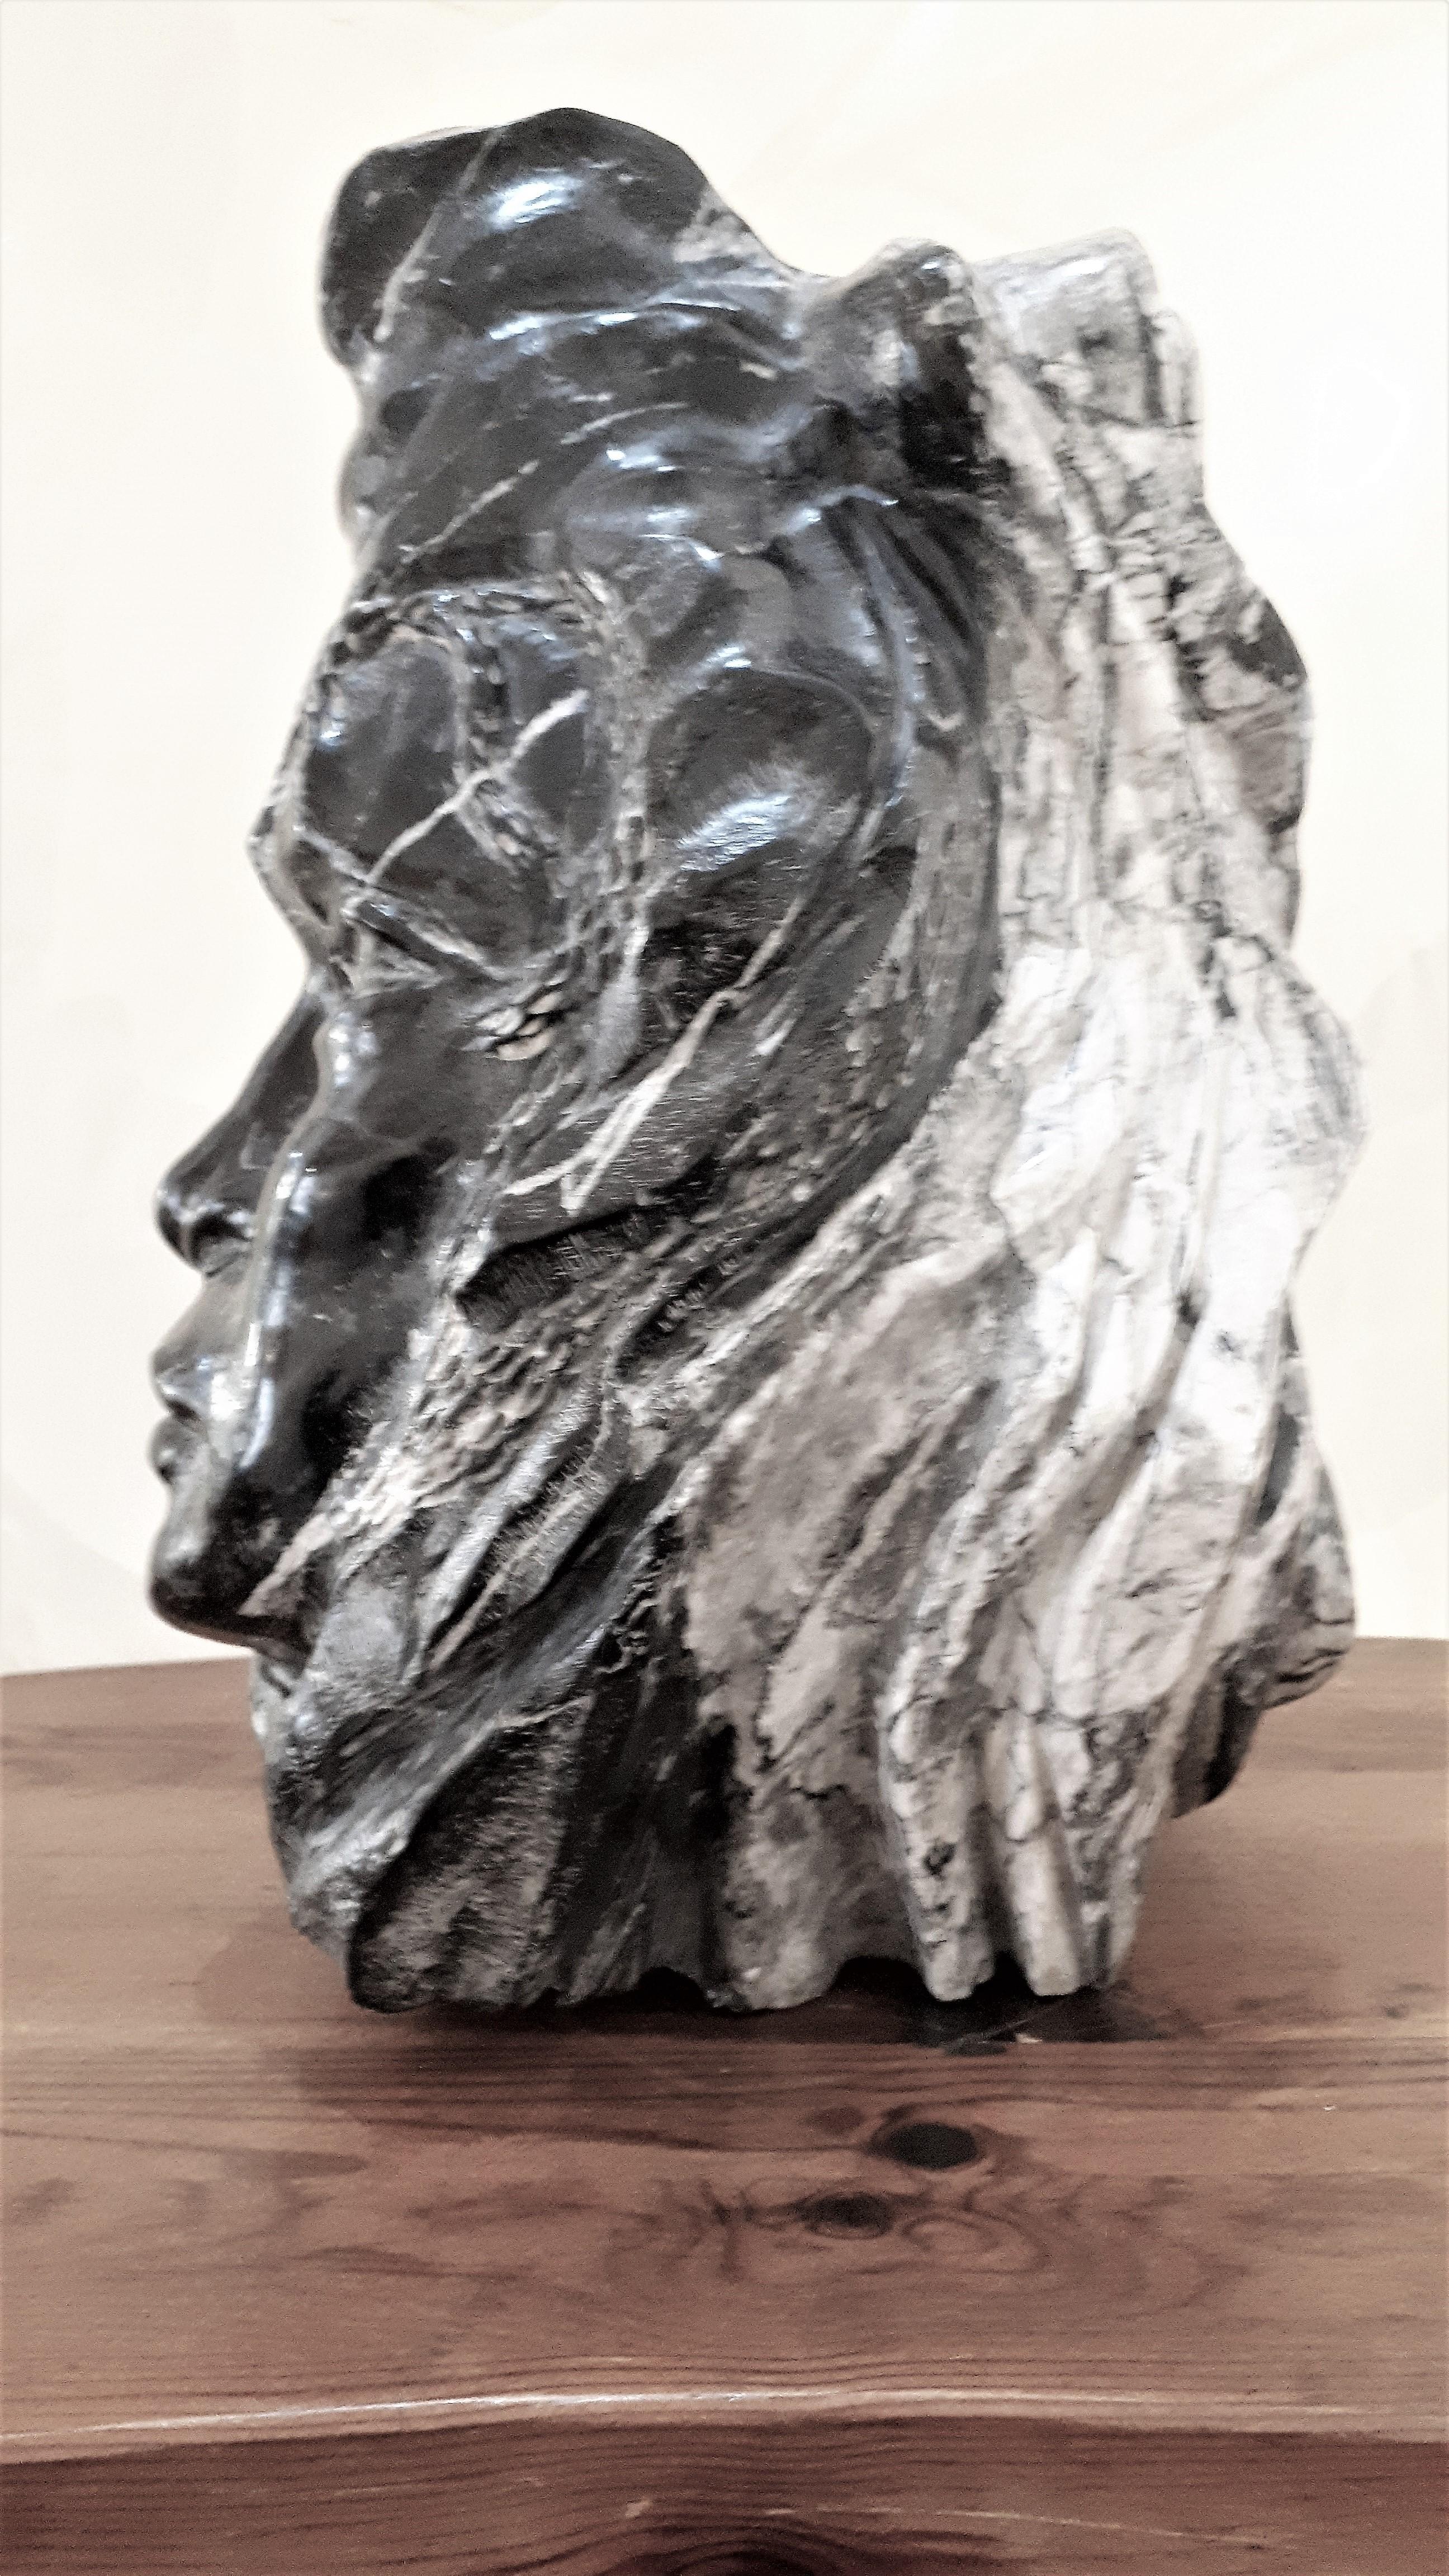 Magnifique sculpture en marbre noir grand antique des Pyrénées Ariégeoises, réalisée par Jean Michel Lafitte